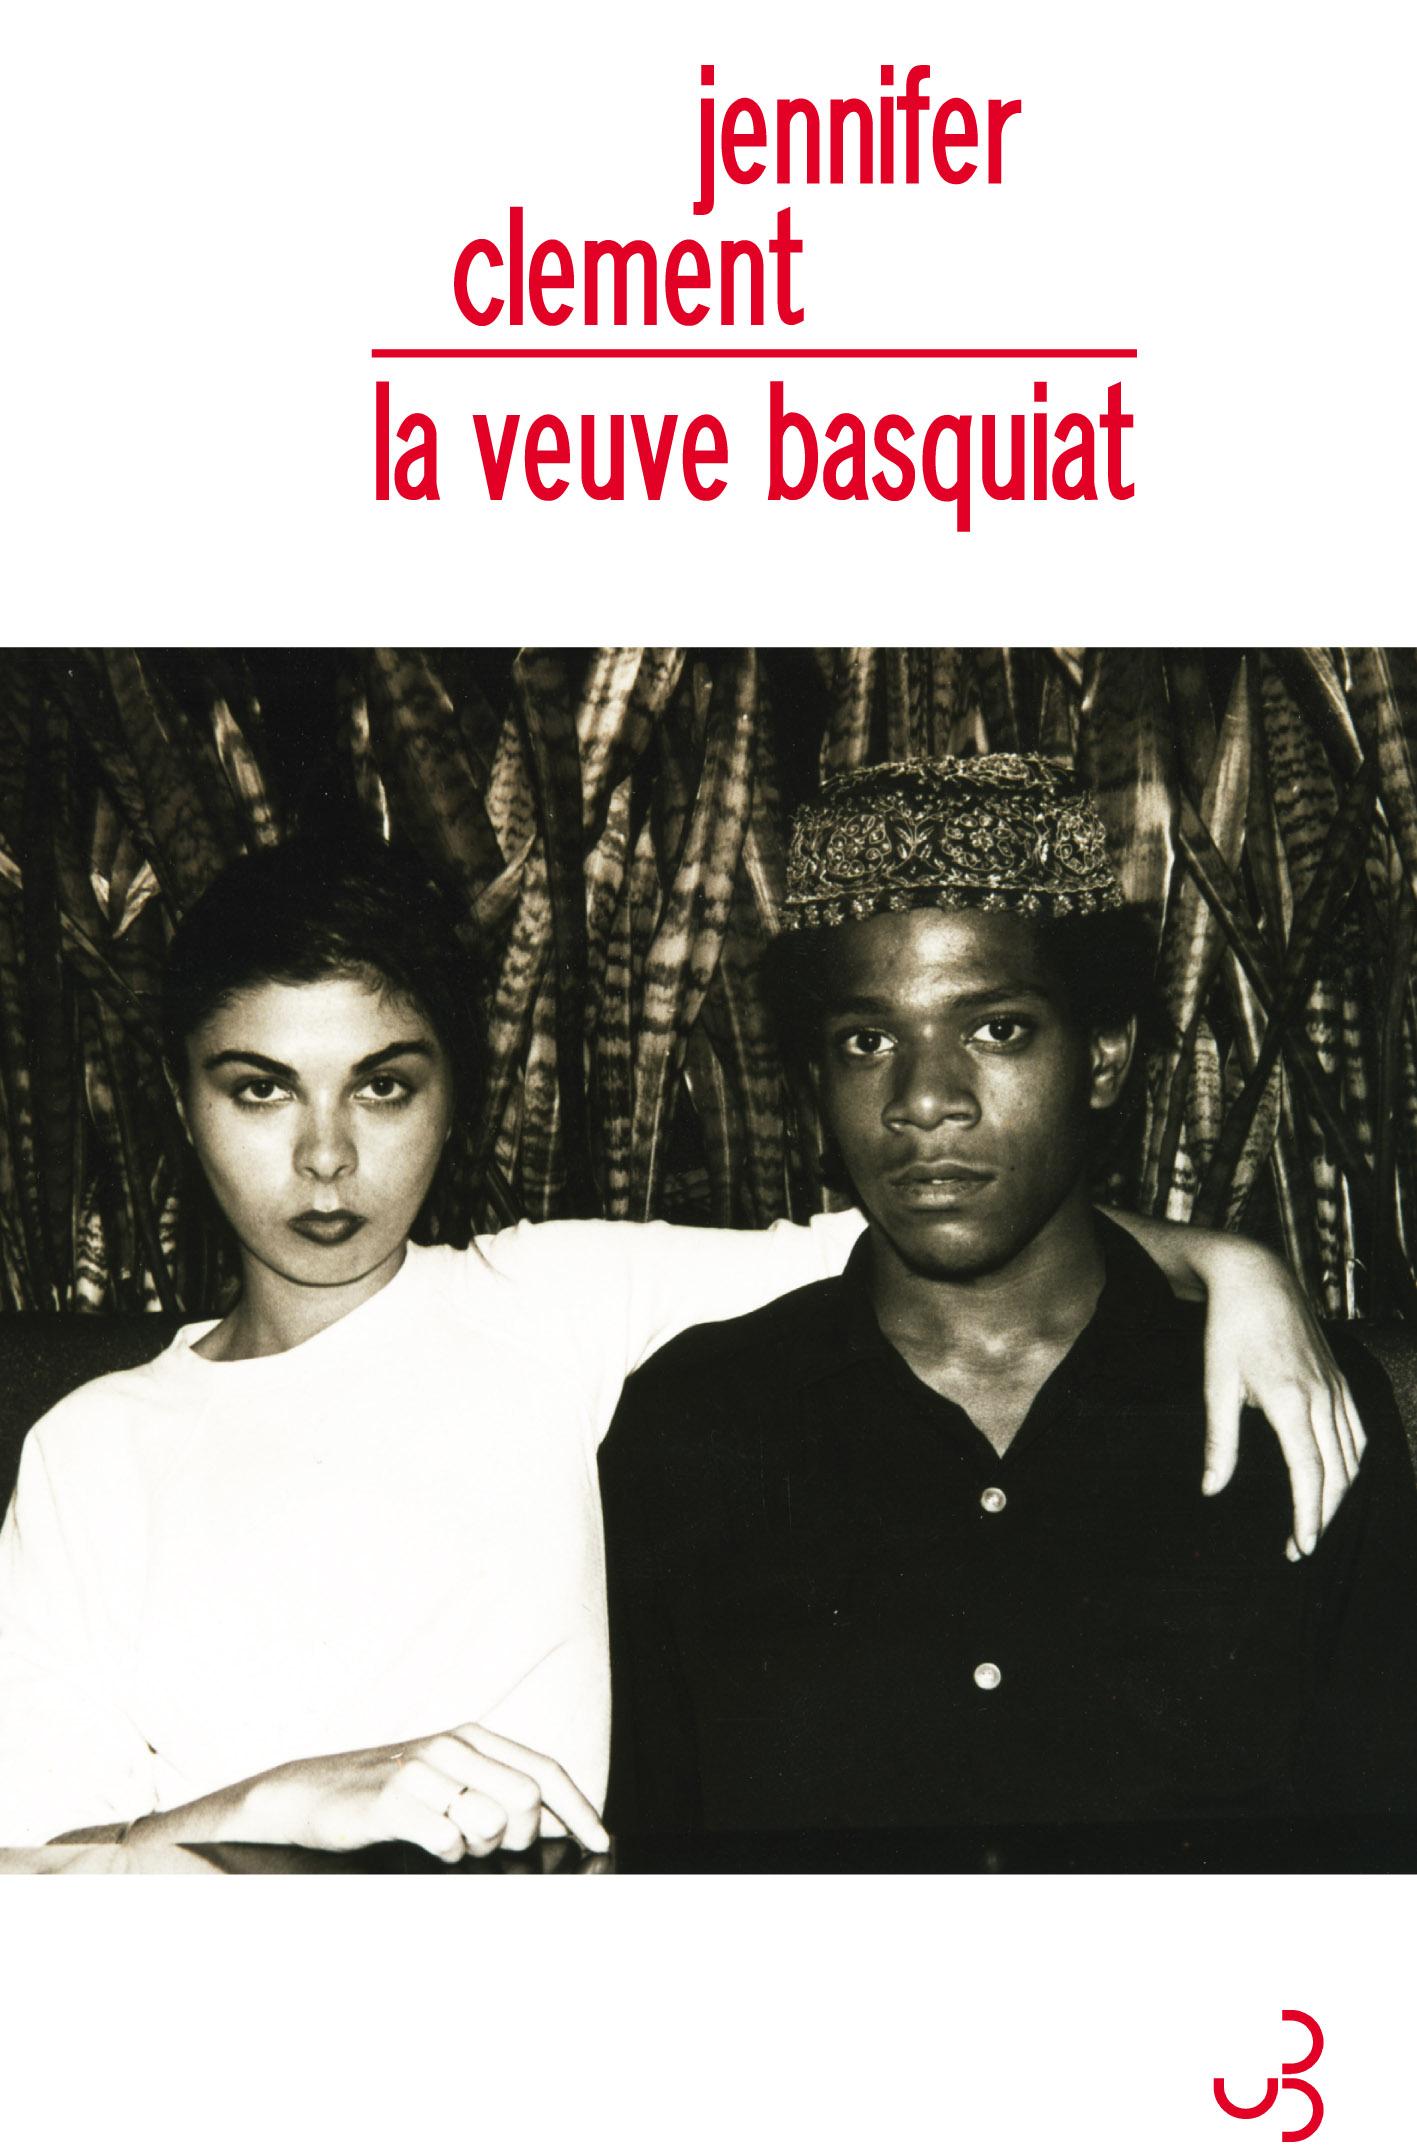 veuve-basquiat_120x200_2.indd